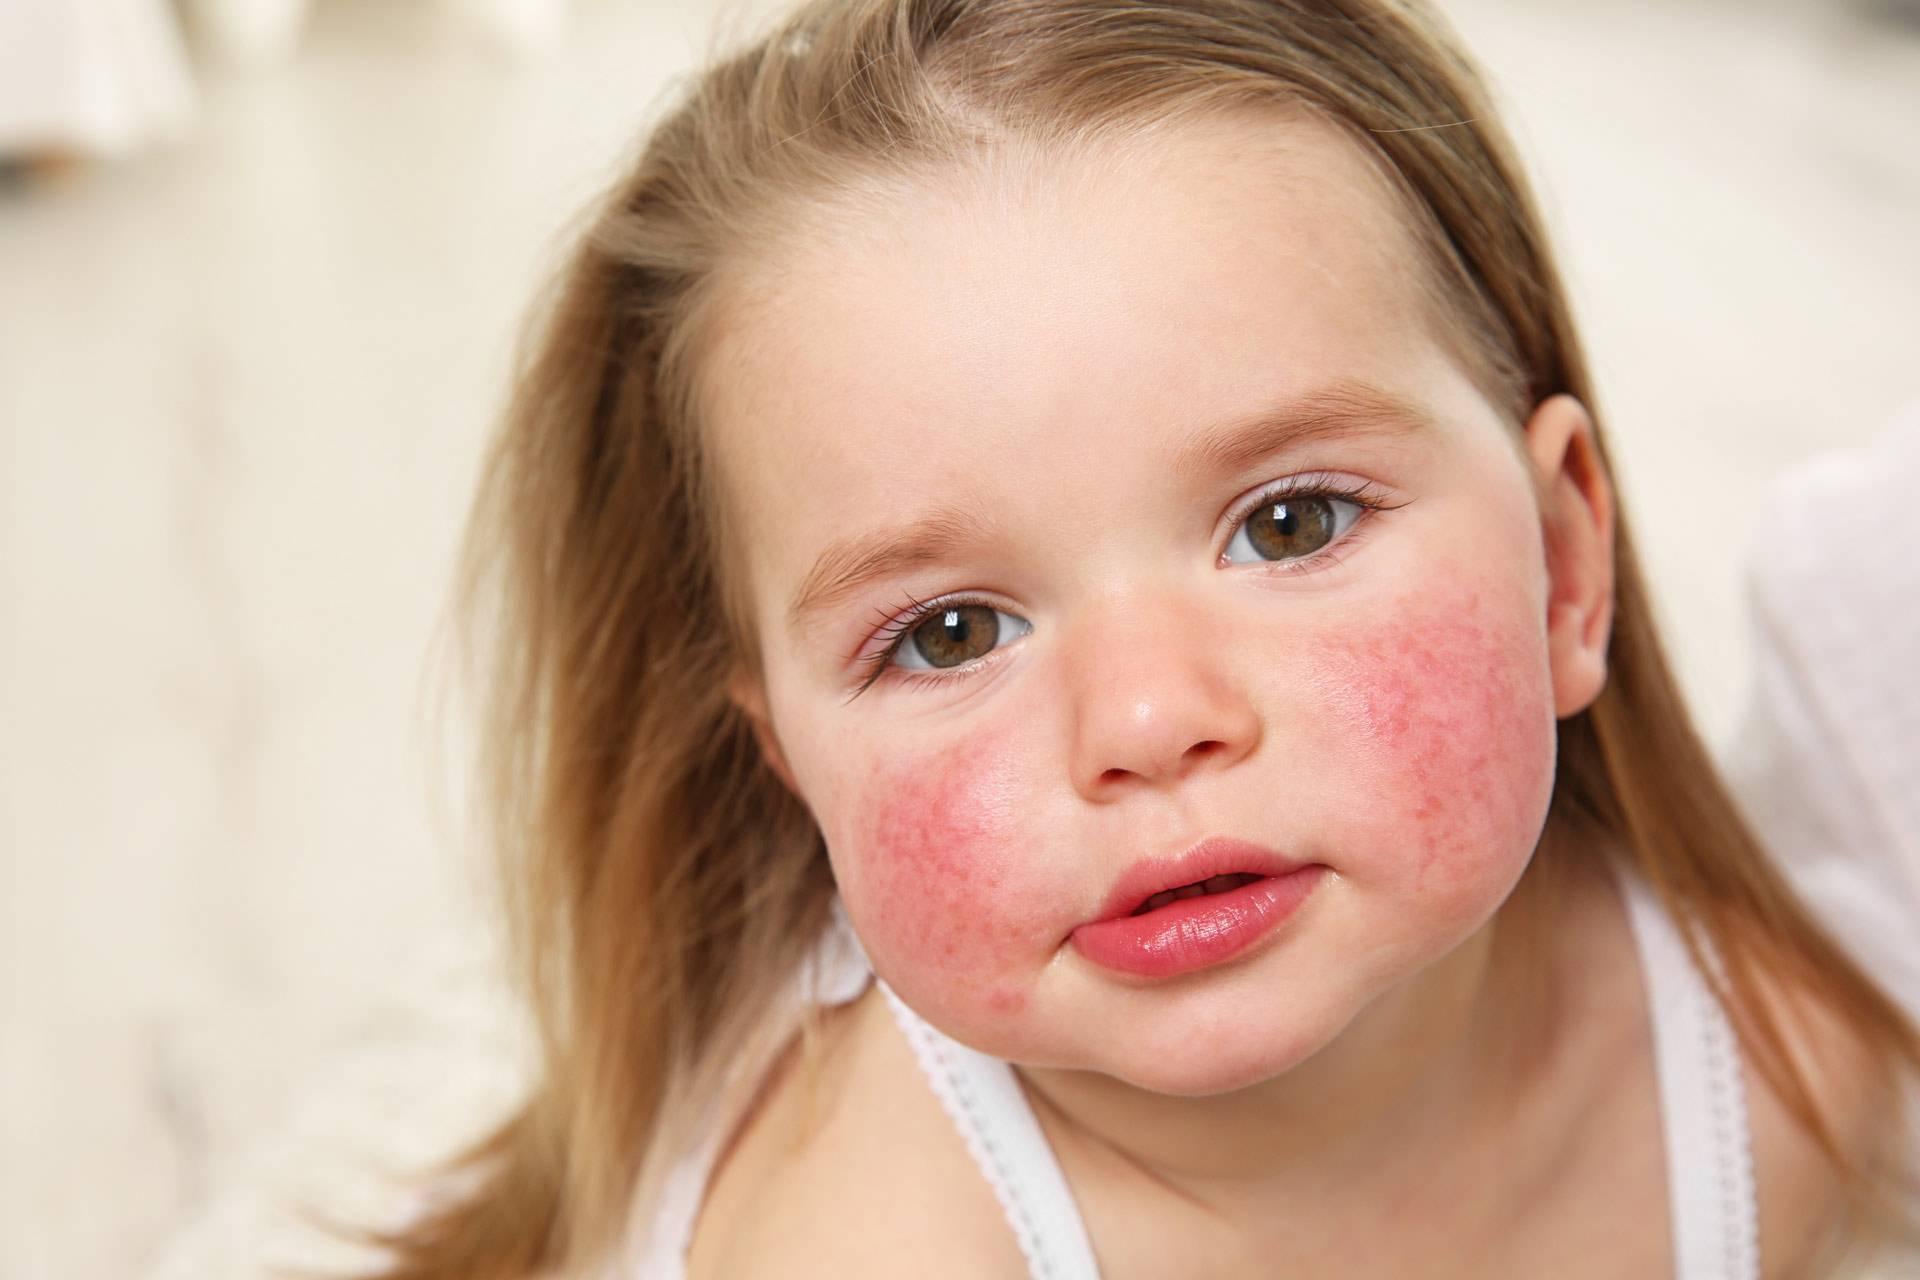 Кожная аллергия – фото, аллергические высыпания у взрослых, зуд, лечение, антигистаминные препараты